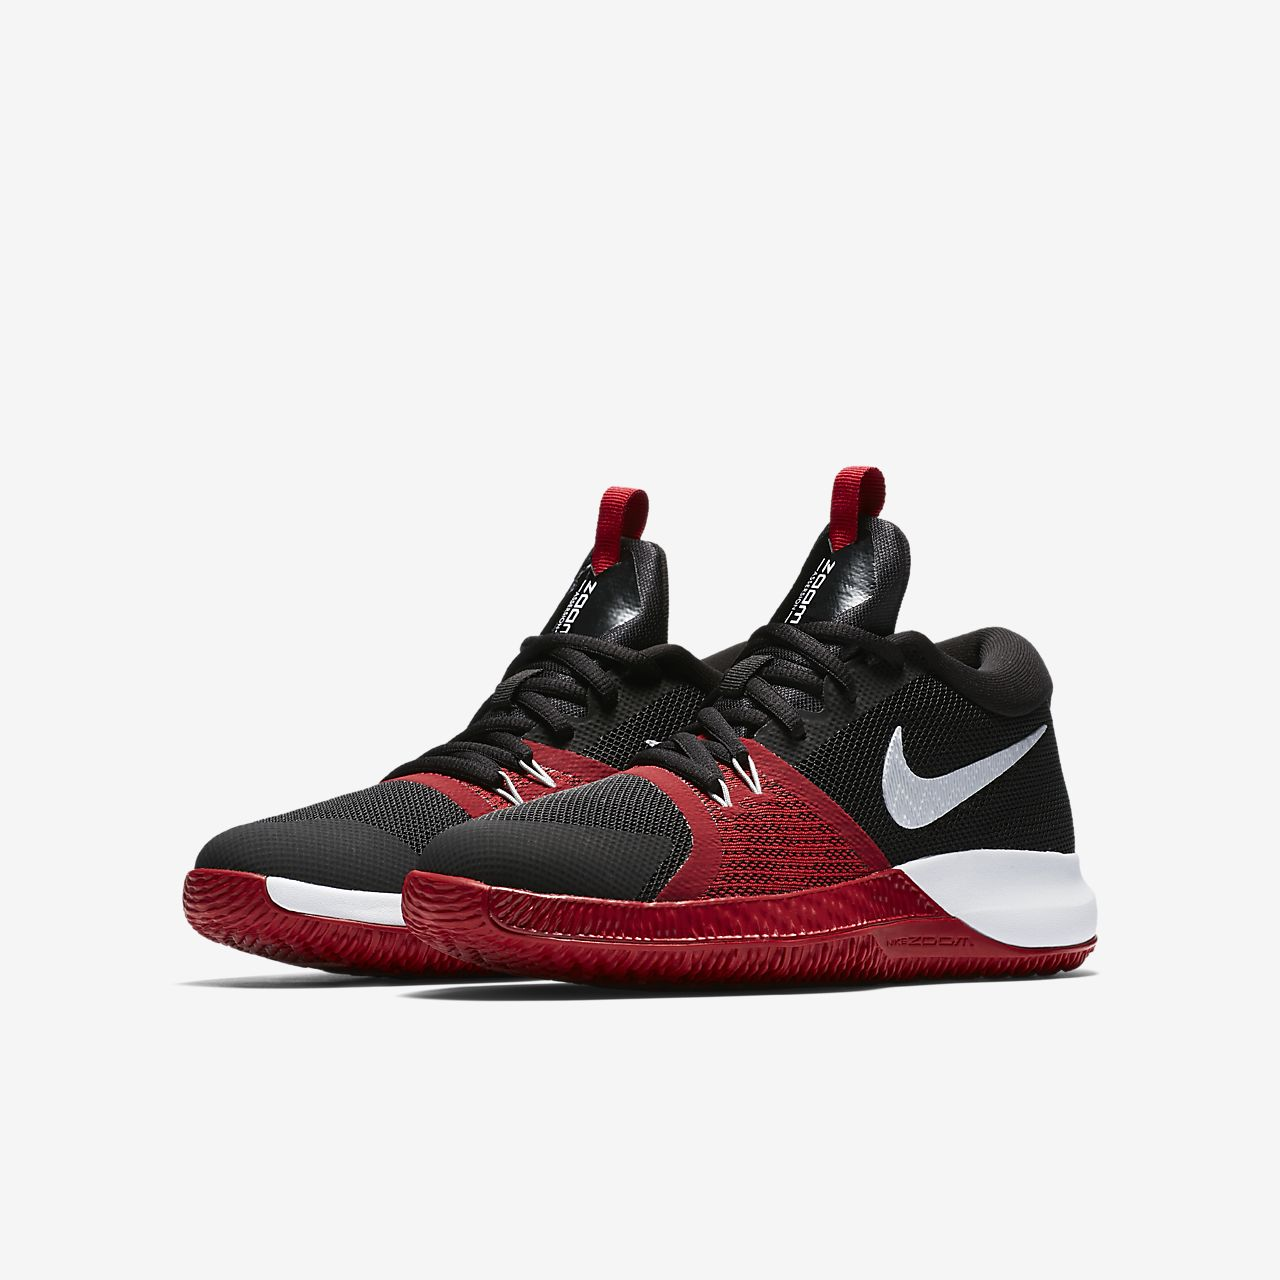 ... Chaussure de basketball Nike Zoom Assersion pour Enfant plus âgé